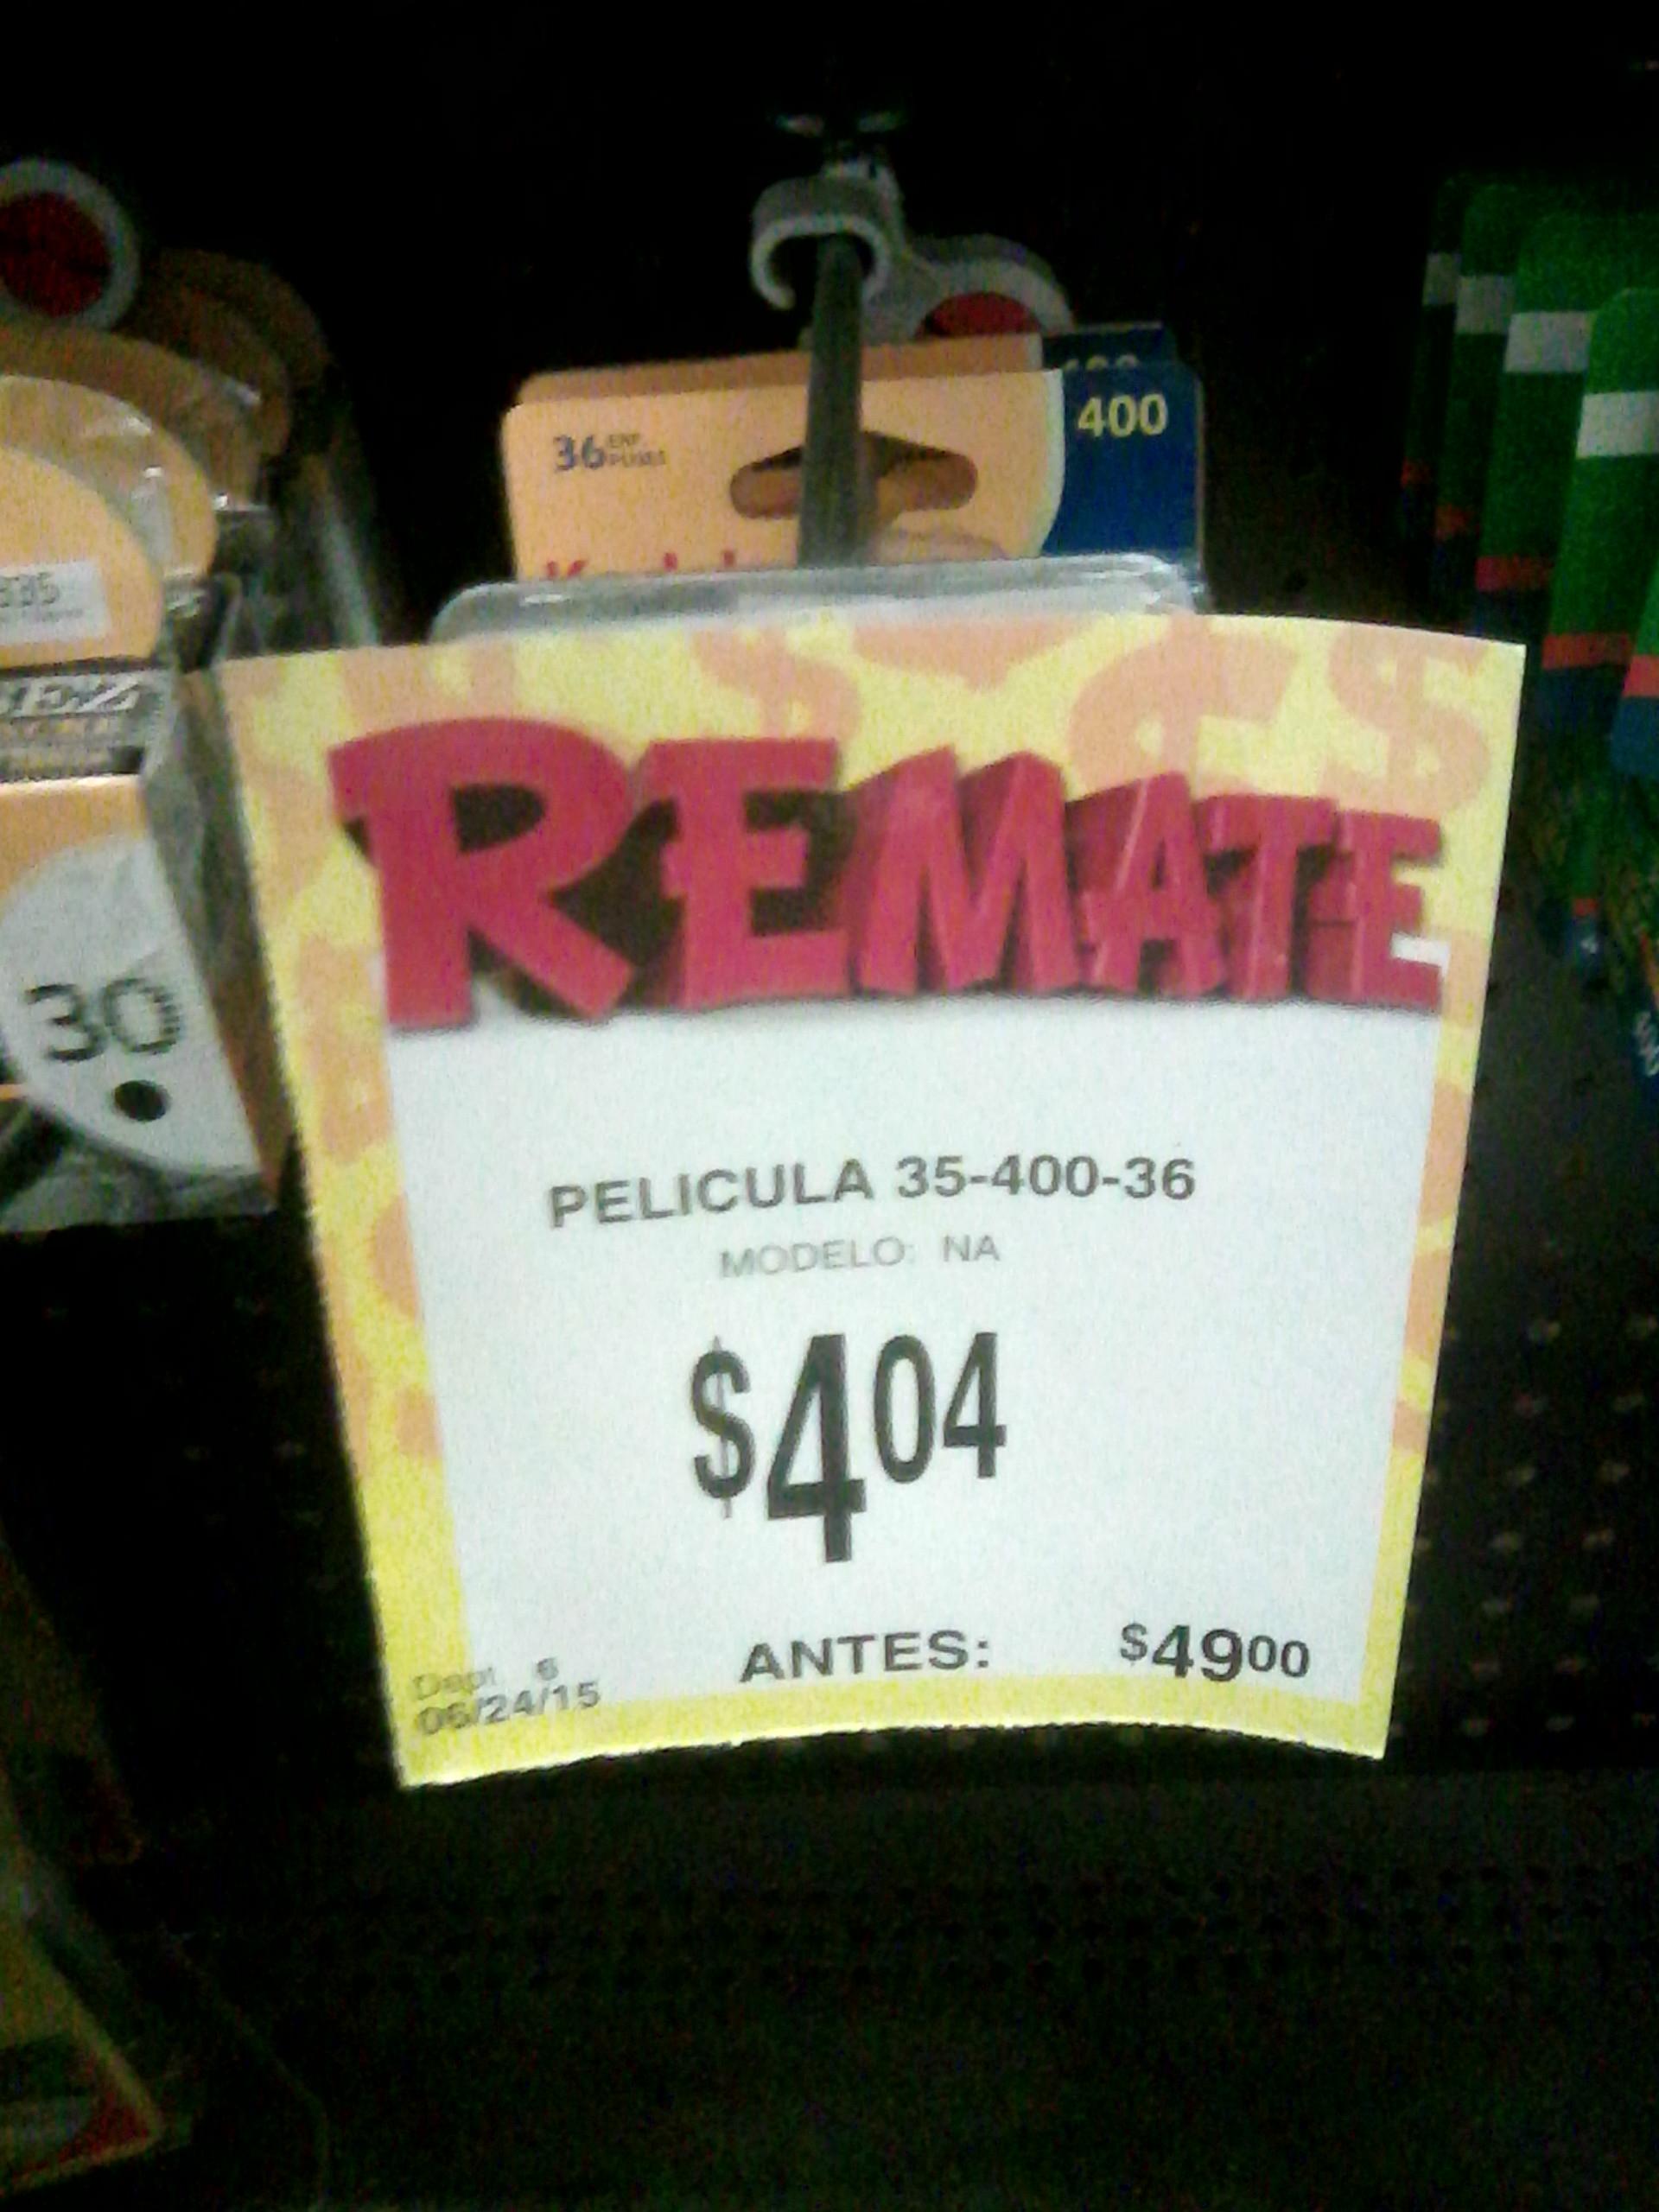 Bodega Aurrerá: rollo kodak asa 400 de 36 a $4.04 (de $49)